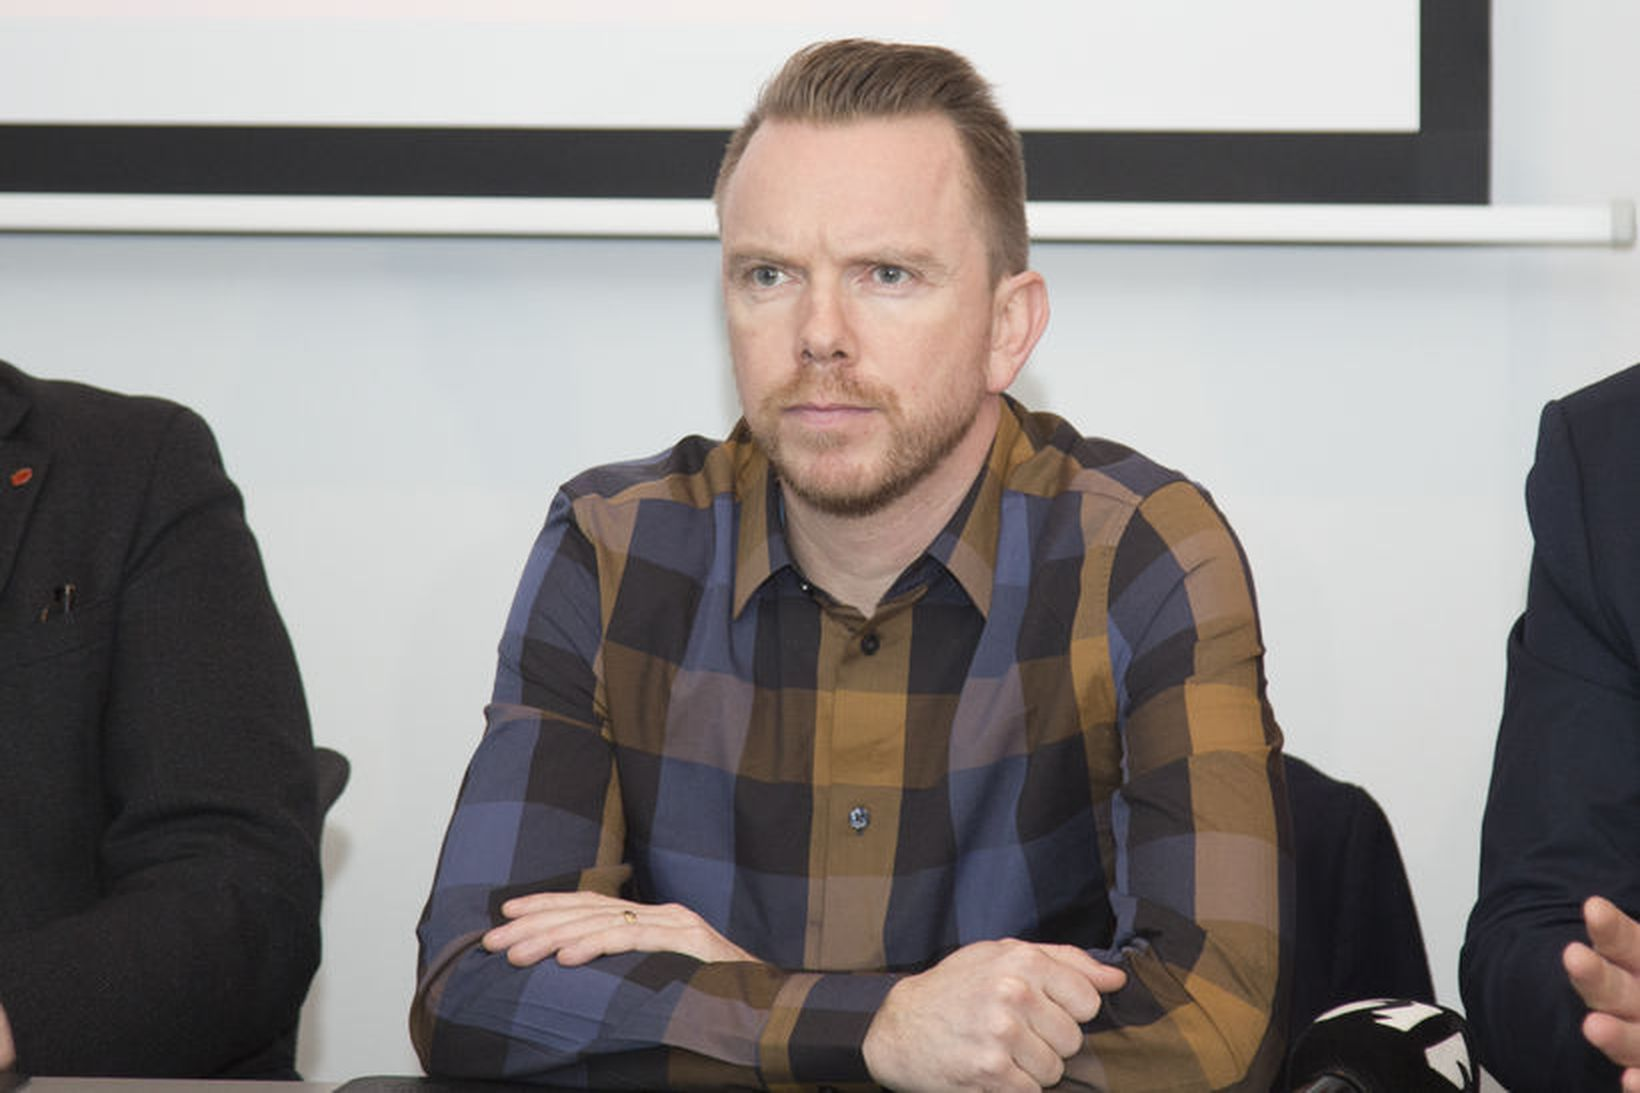 Ragnar Þór Ingólfsson segist vera kominn með nóg af stjórnmálaástandinu …